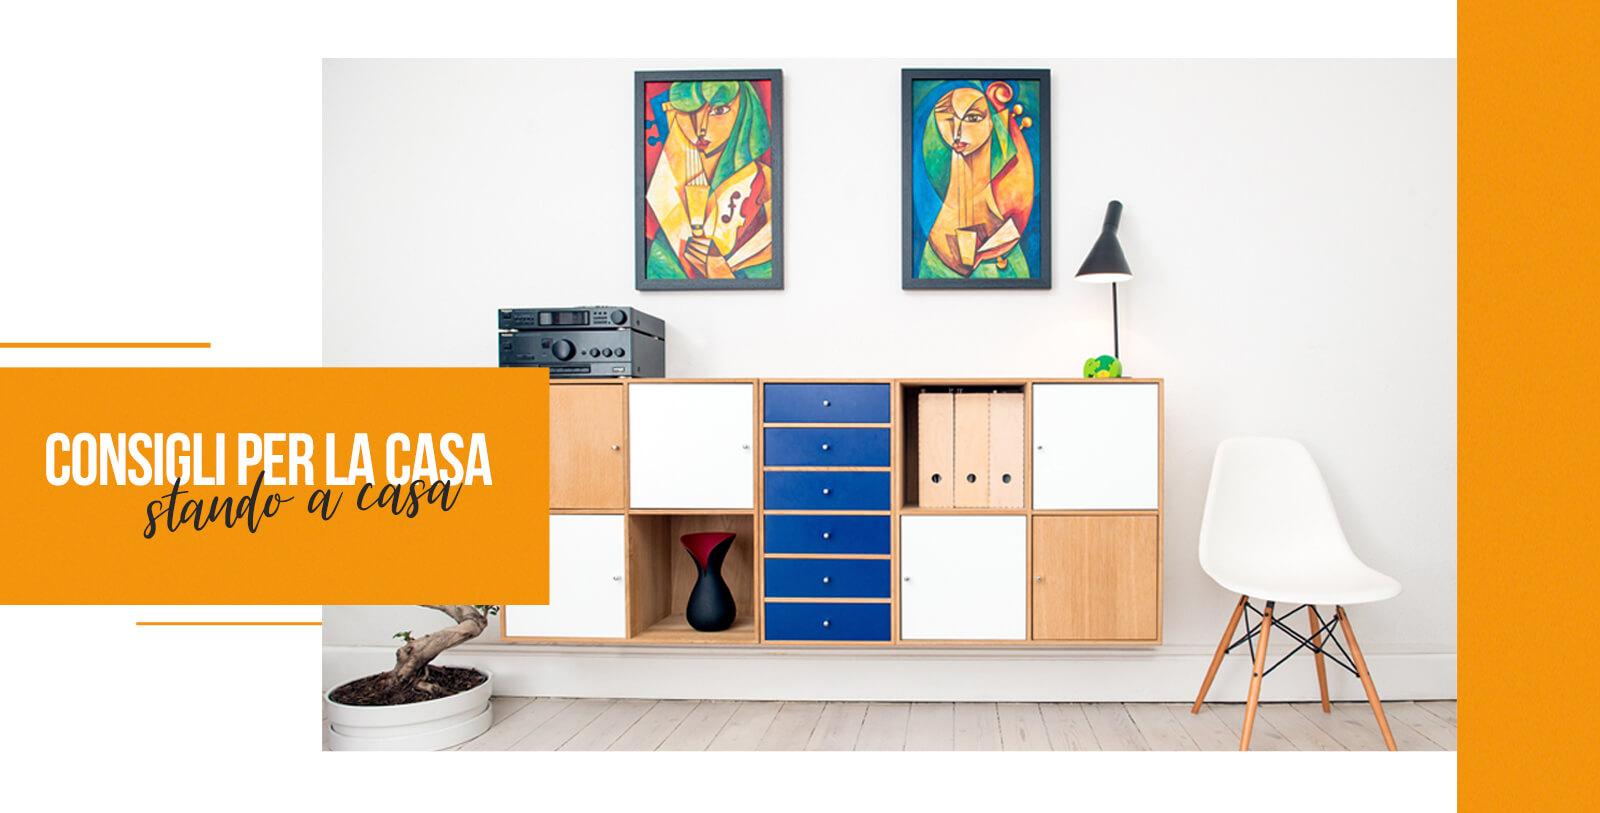 Consigli Per La Casa interior design fai da te per chi resta a casa